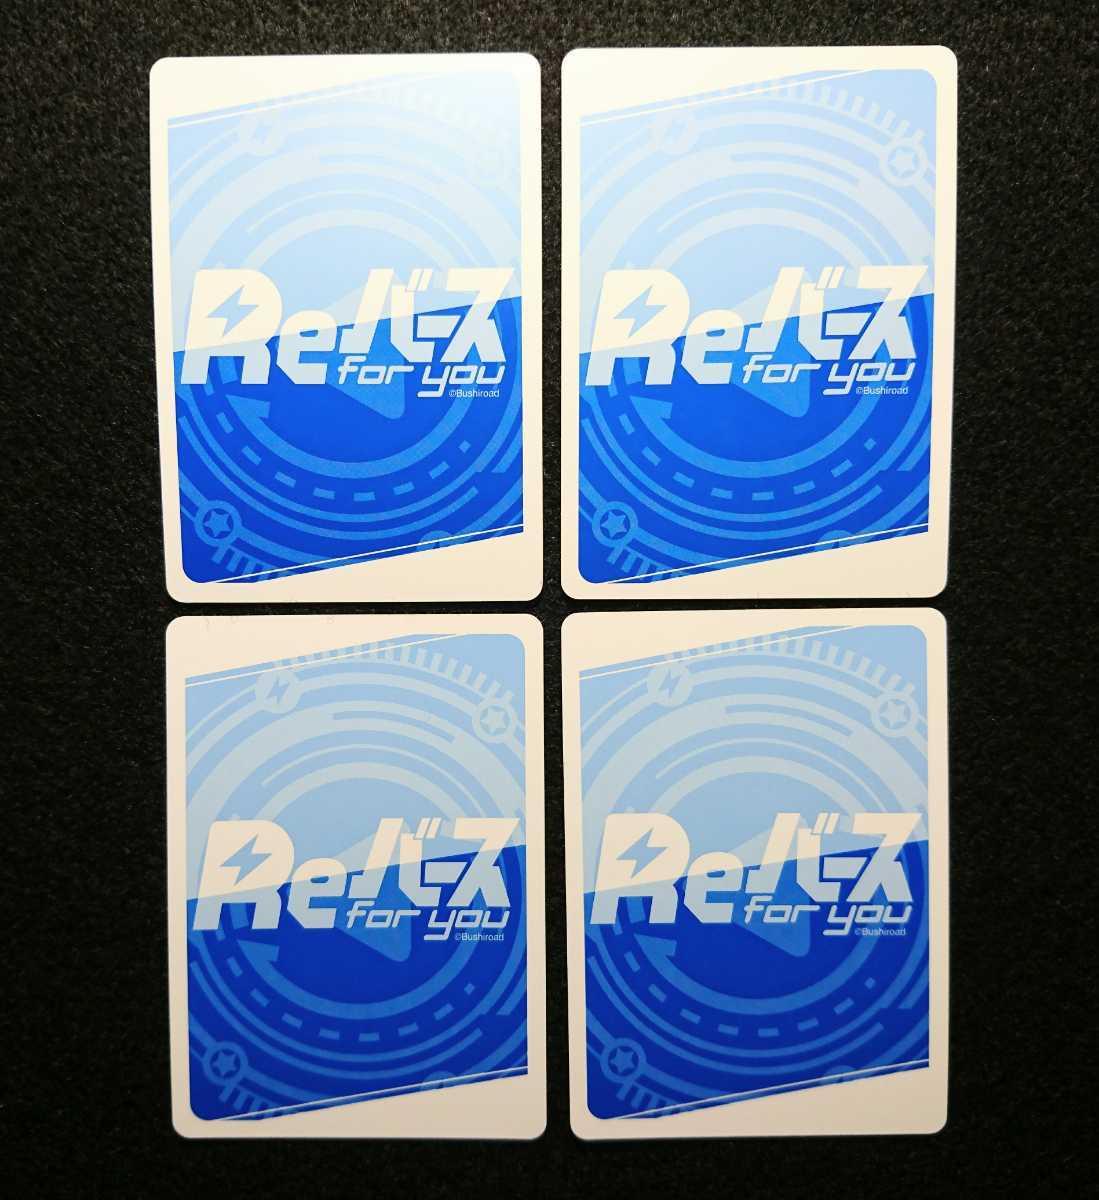 Reバース for you ホロライブ おばけセンサー ロボ子さん HP/001B-008S C+ 4枚セット ロボ子さん カード_画像2